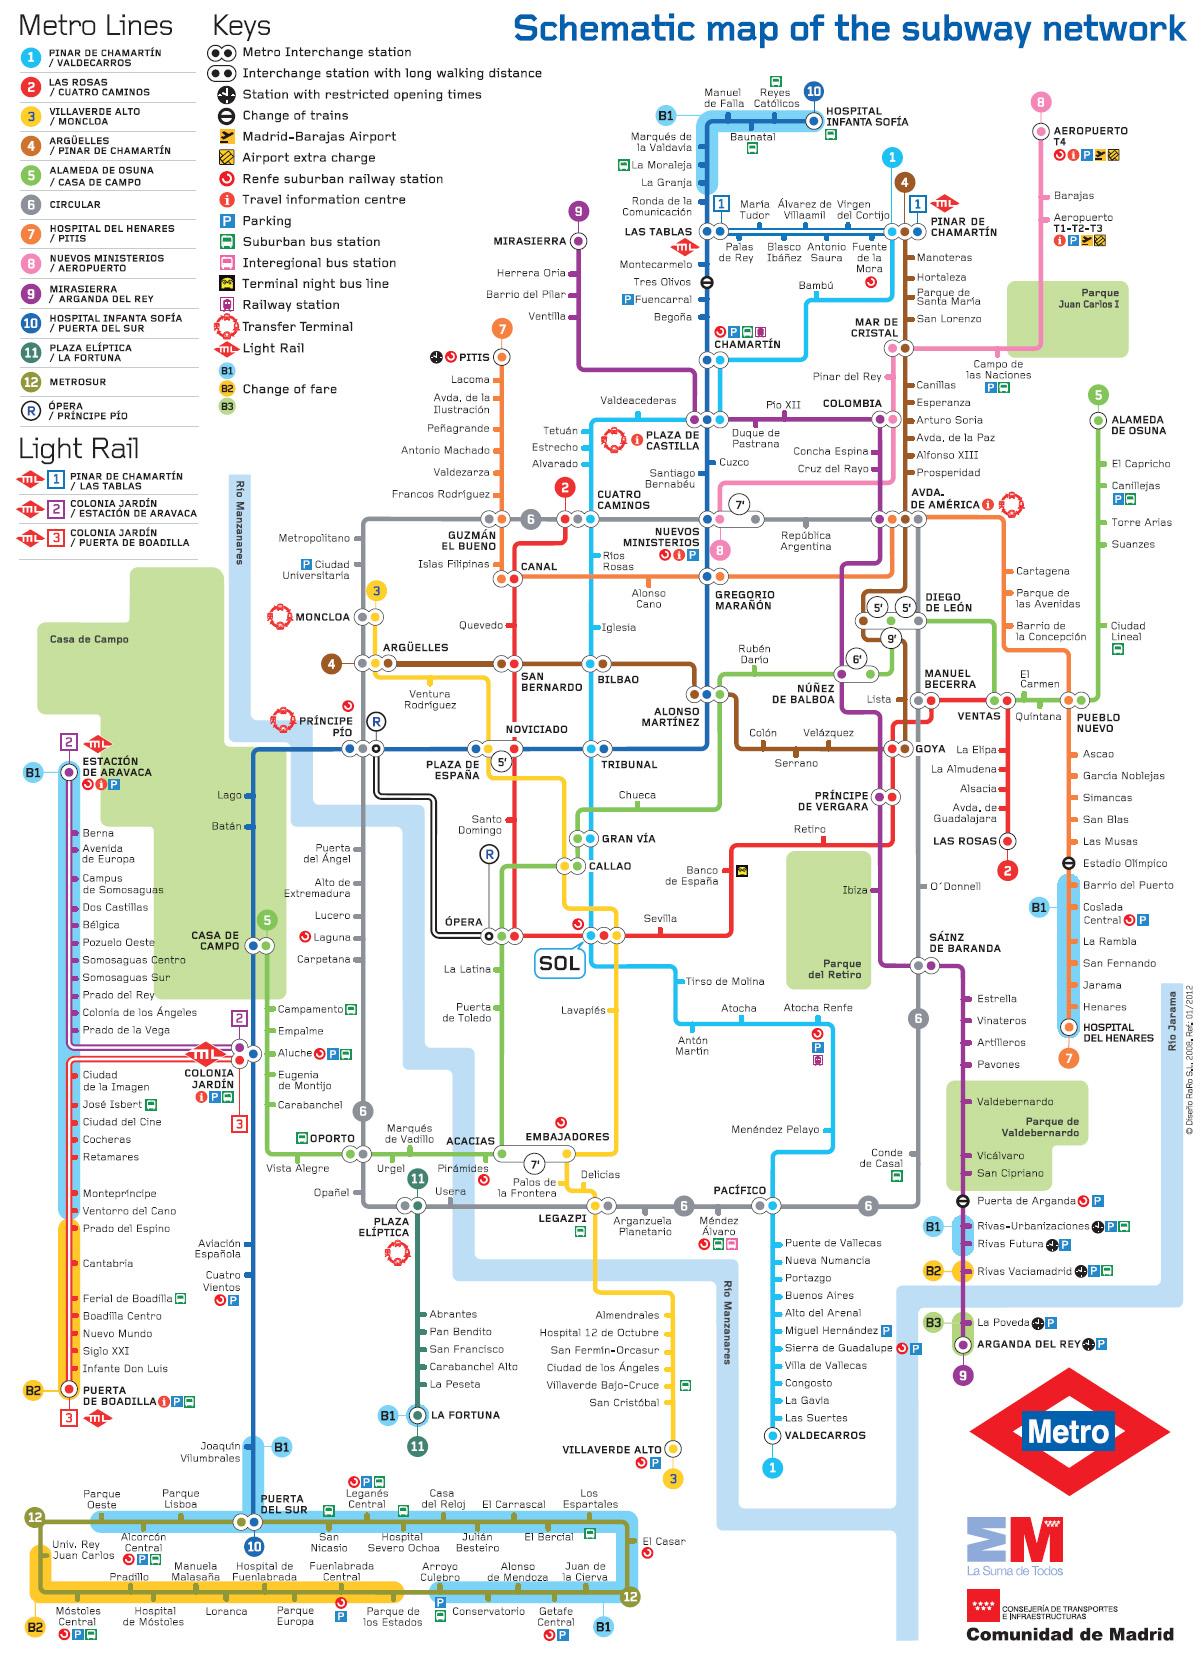 Metro Madrida Podrobnyj Rasskaz Tonkostej Turizma